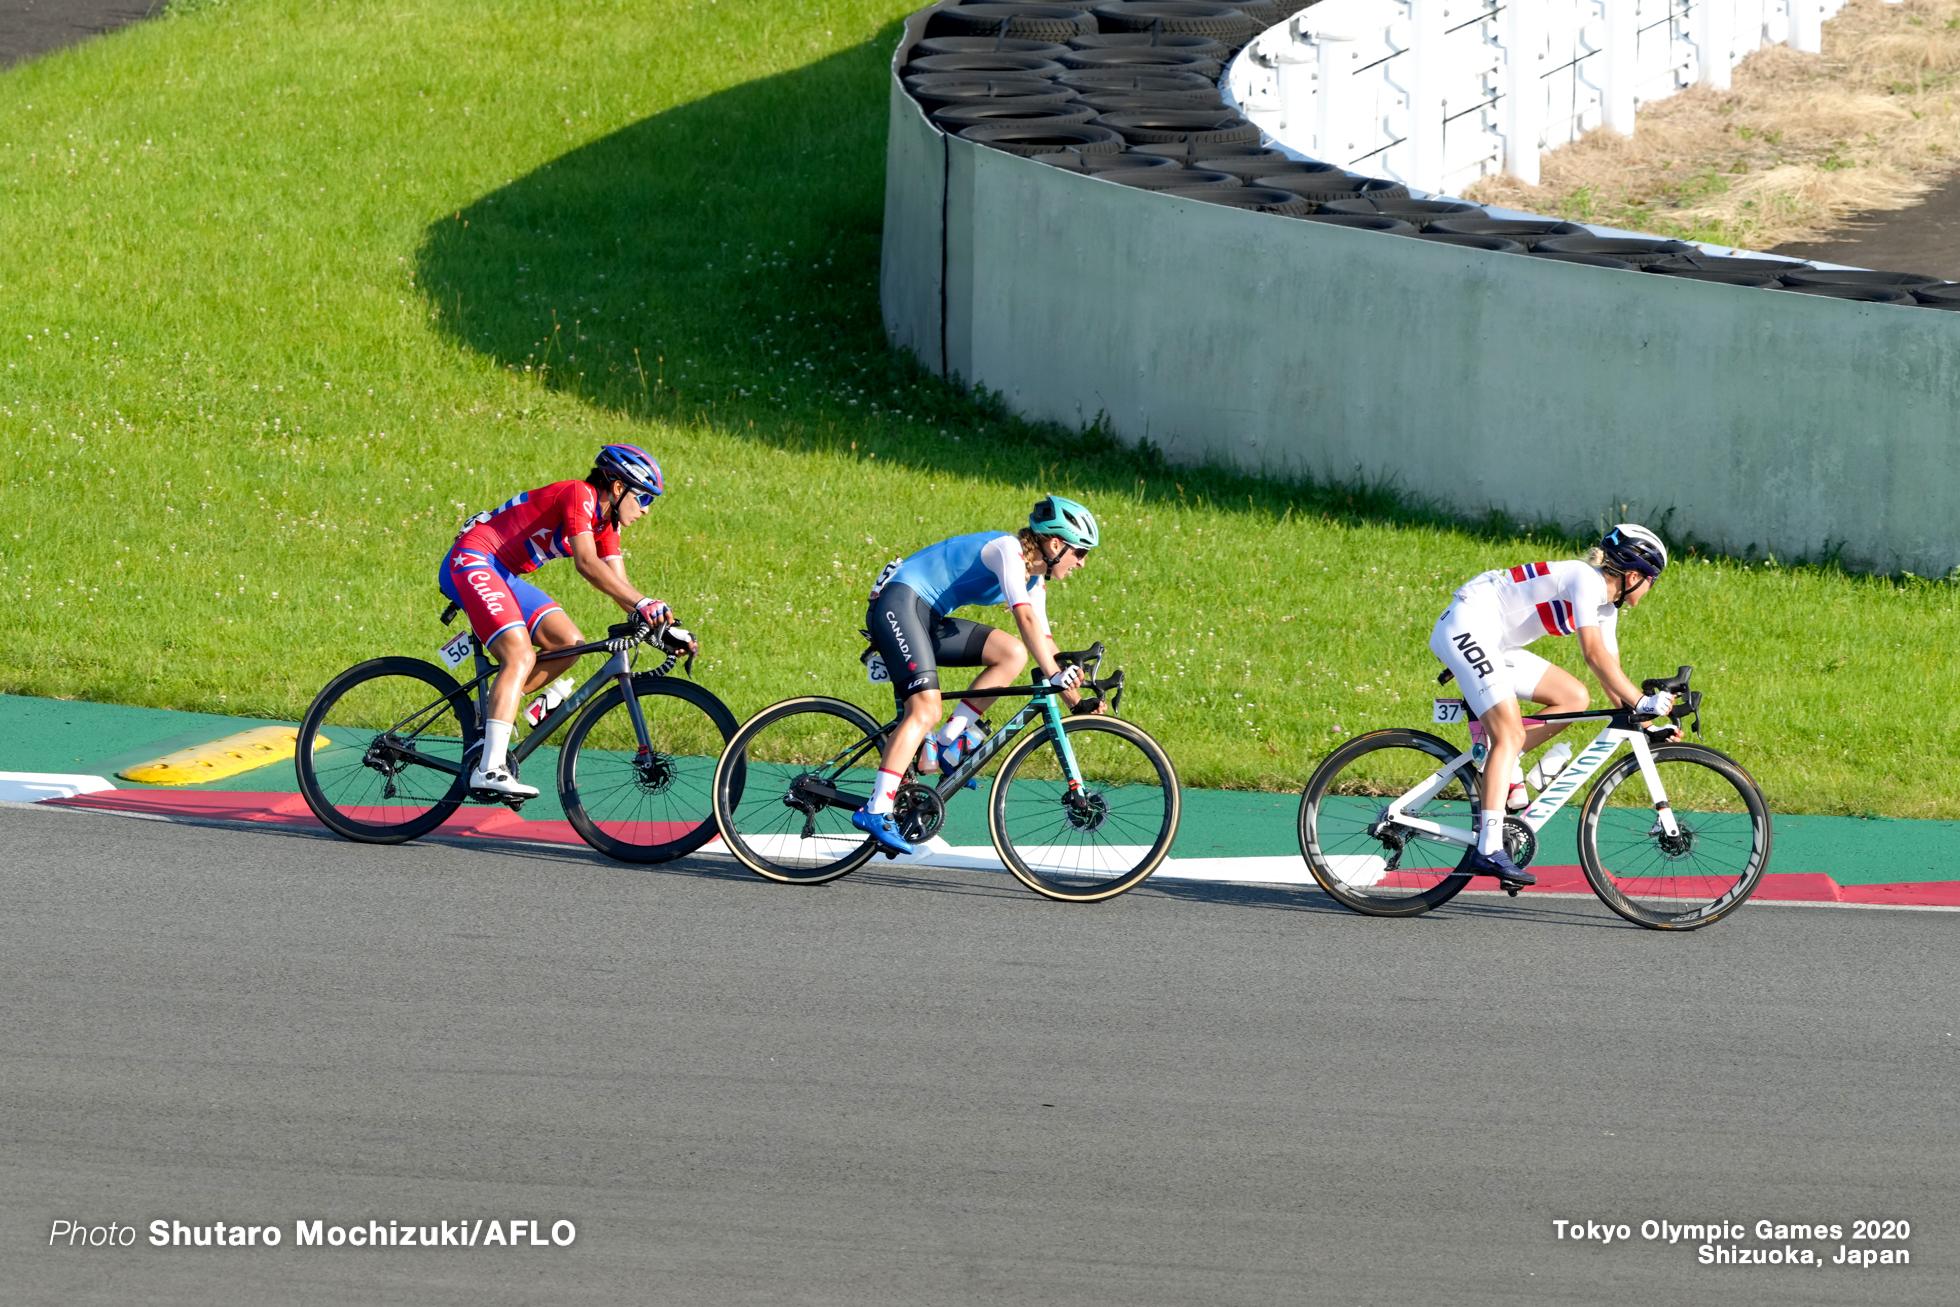 レア・カークマン Leah Kirchmann (CAN), カトリーヌ・アーレルド Katrine Aalerud (NOR), アーレニス・カナディッラ Arlenis Sierra (CUB), JULY 25, 2021 - Cycling : Women's Road Race during the Tokyo 2020 Olympic Games at the Fuji International Speedway in Shizuoka, Japan. (Photo by Shutaro Mochizuki/AFLO)